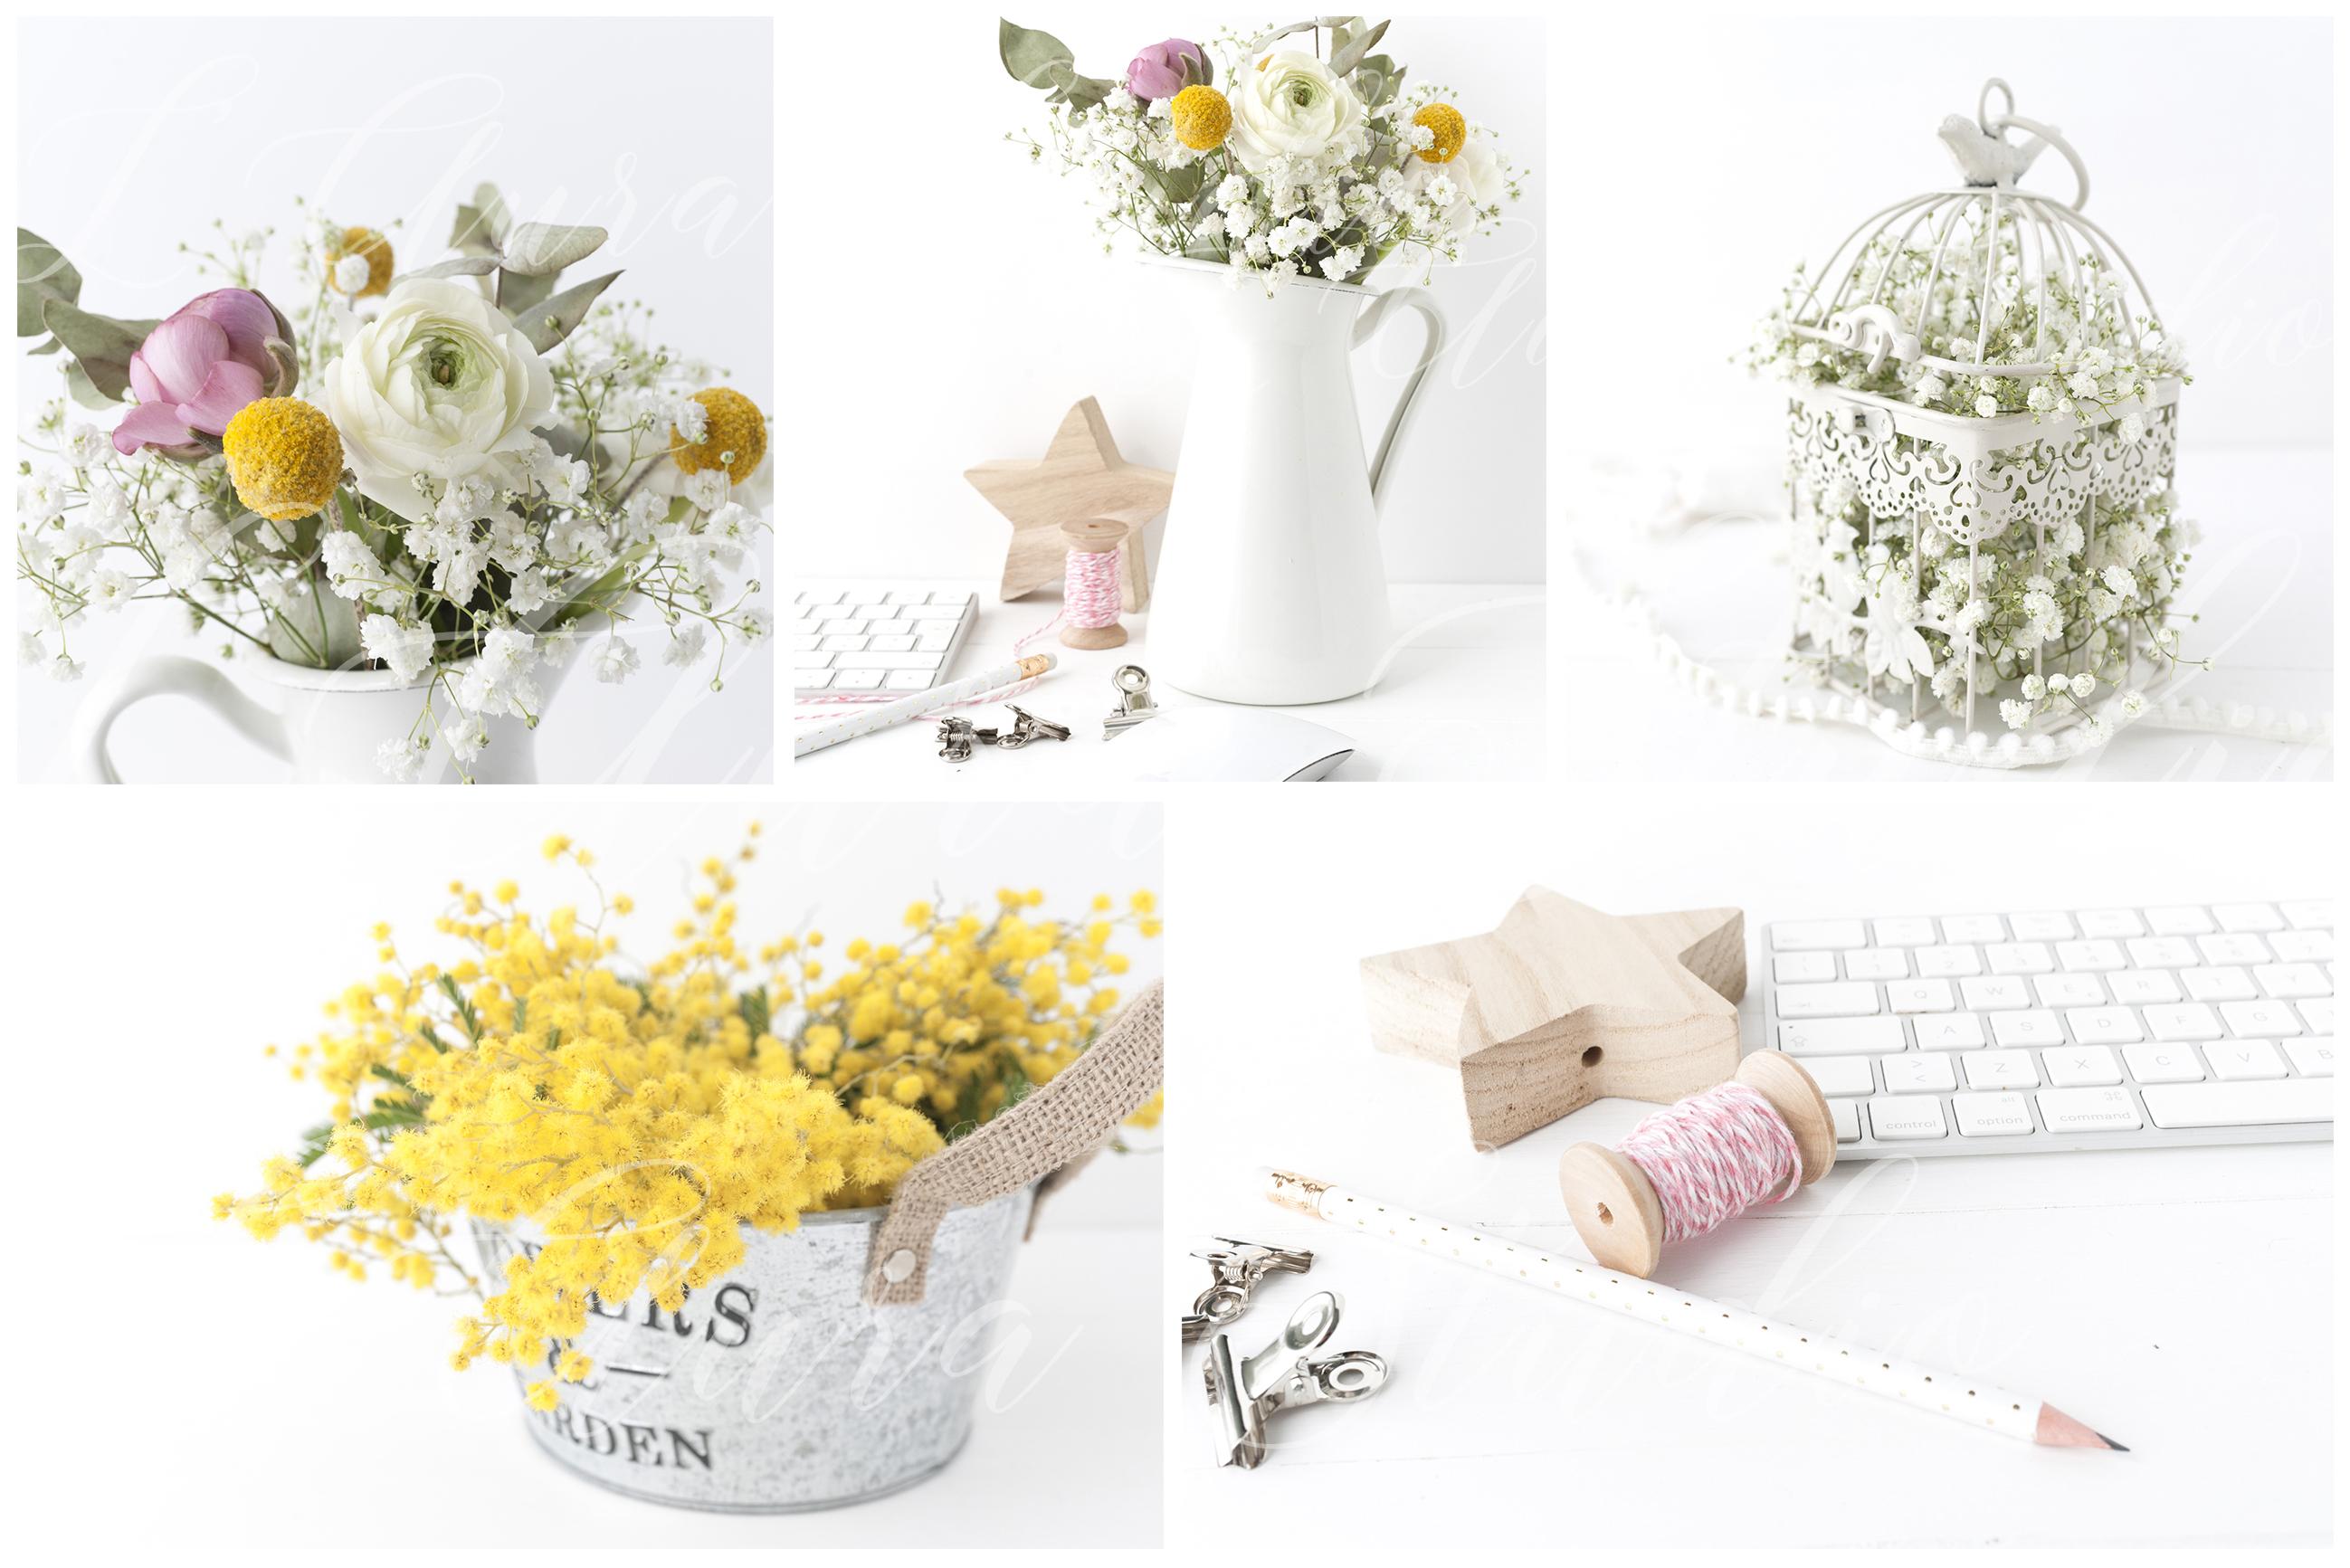 Spring Floral 8× Frame Mockup Bundle example image 3